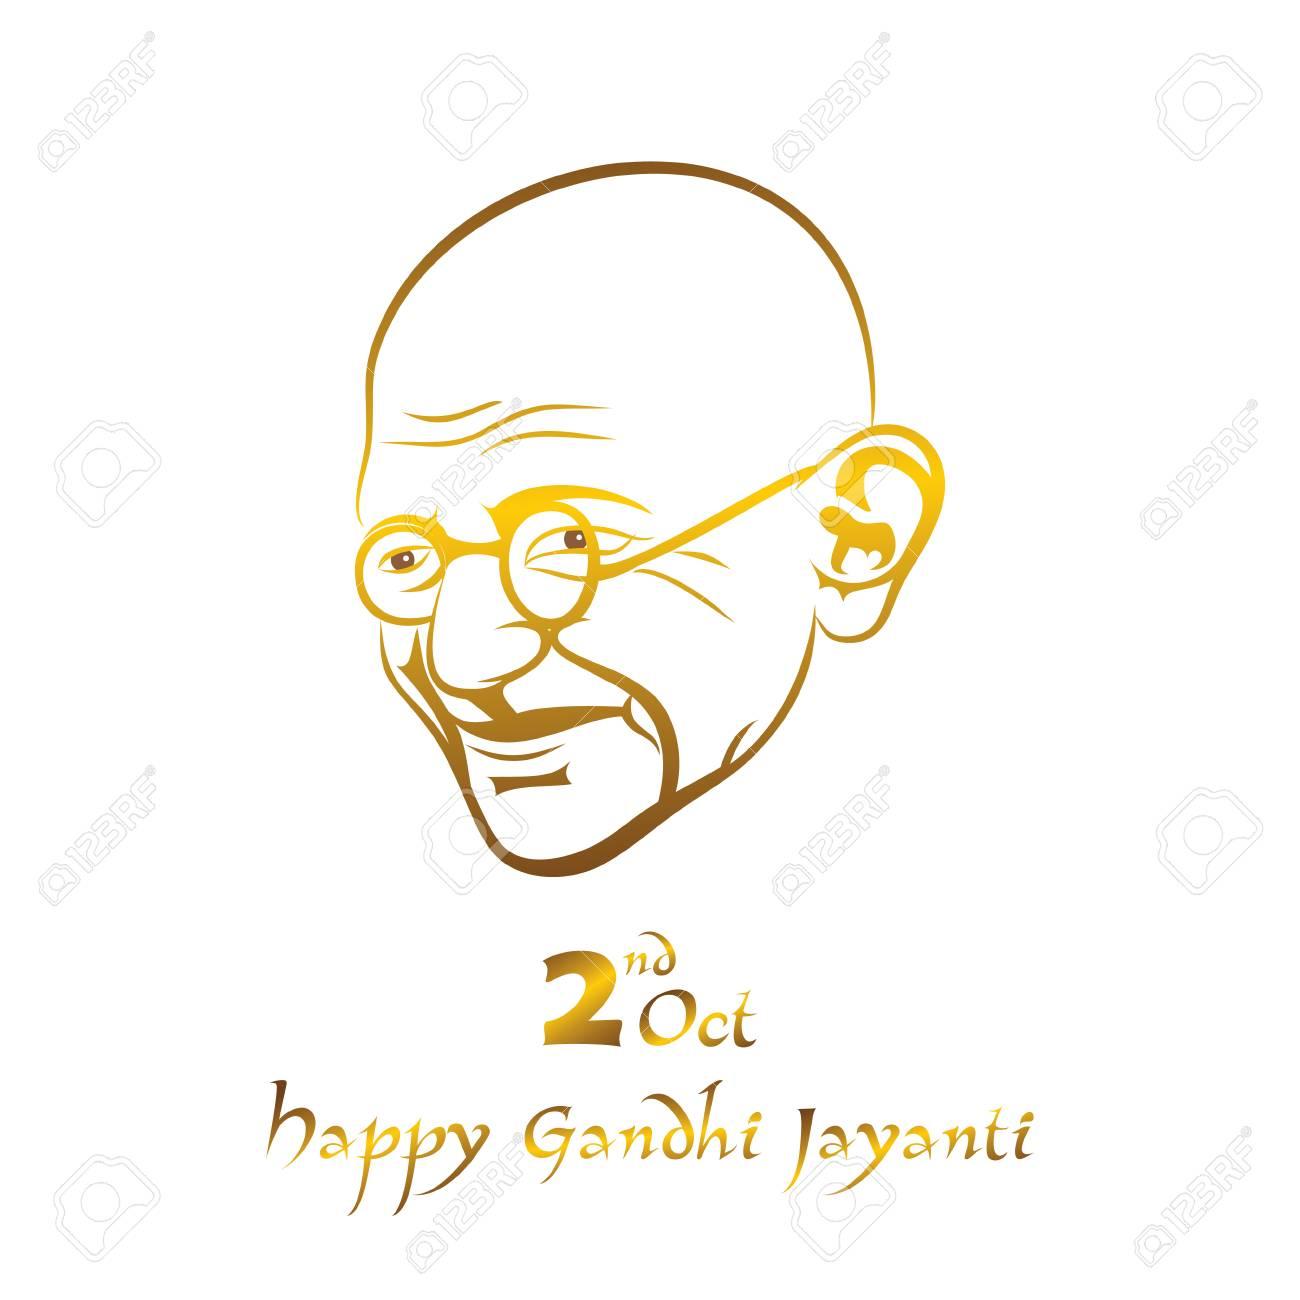 マハトマ ガンジー10 月 2 日のポスター ガンジードゥワダシ